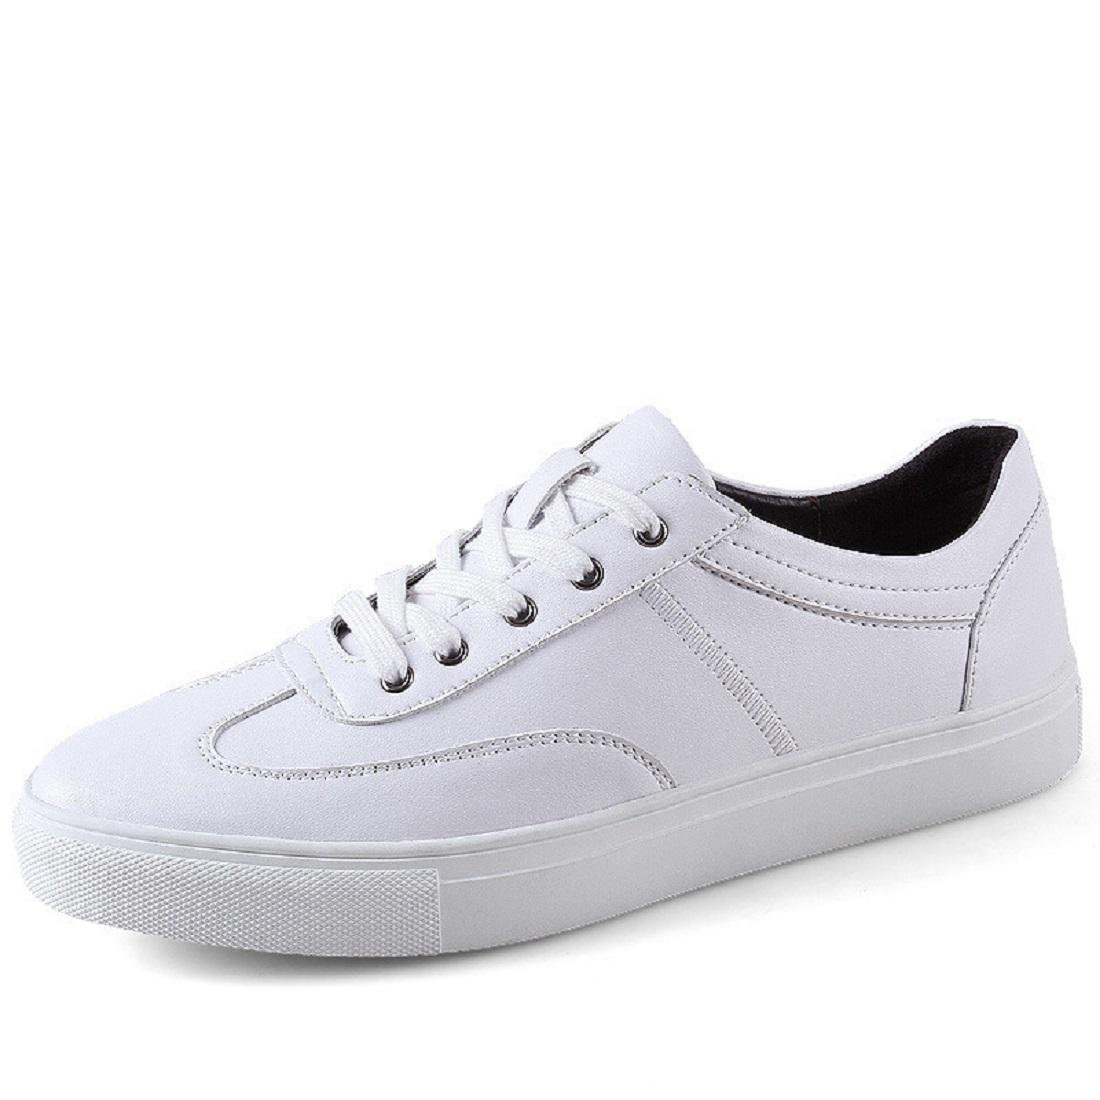 Herren Freizeit Flache Schuhe Mode Sportschuhe Lässige Schuhe Ausbilder Turnschuhe Super Große Größe EUR GRÖSSE 38-48